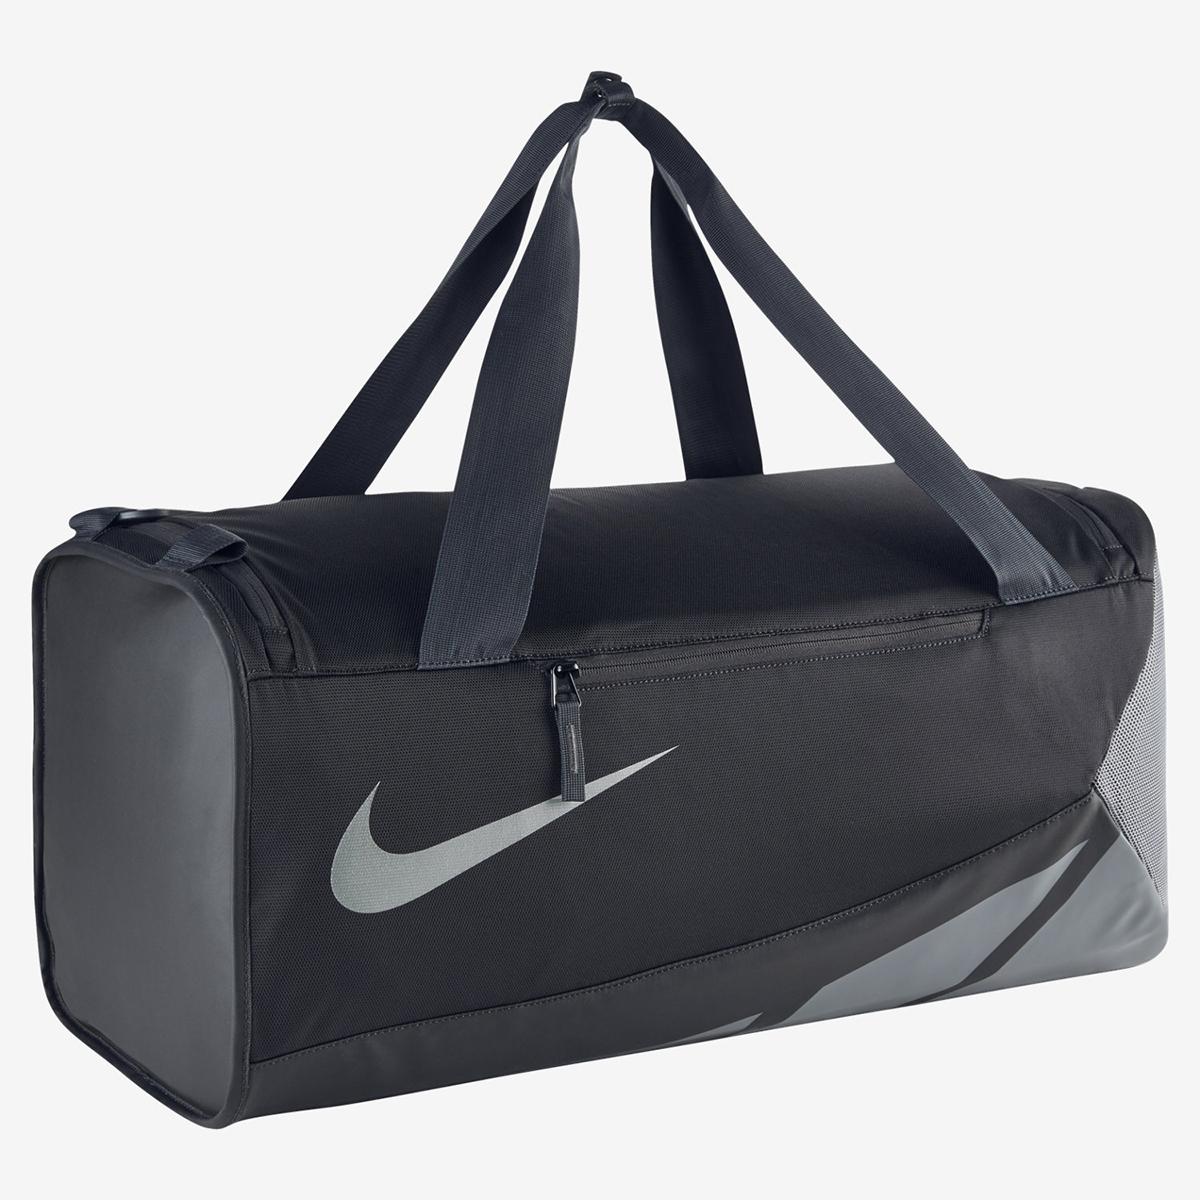 f501895283b Nike Vapor Max Air 2.0 Duffel Bag - SPORTING GOODS Backpacks   Duffel Bags  - Superfanas.lt